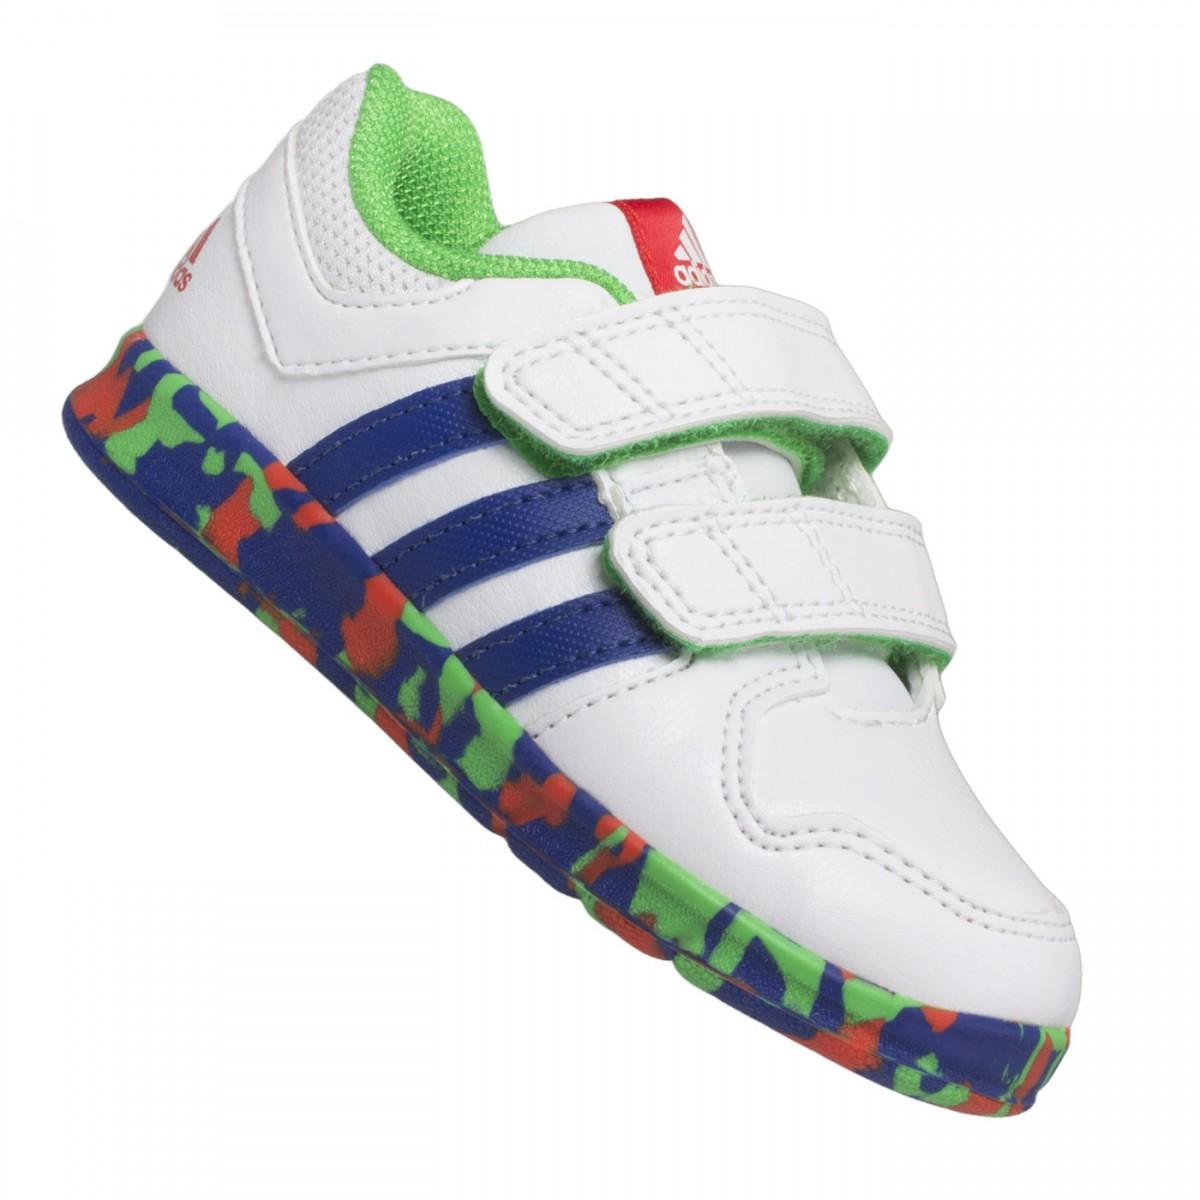 630b0f8d7b0 Tênis Adidas Lk Trainer 6 CF